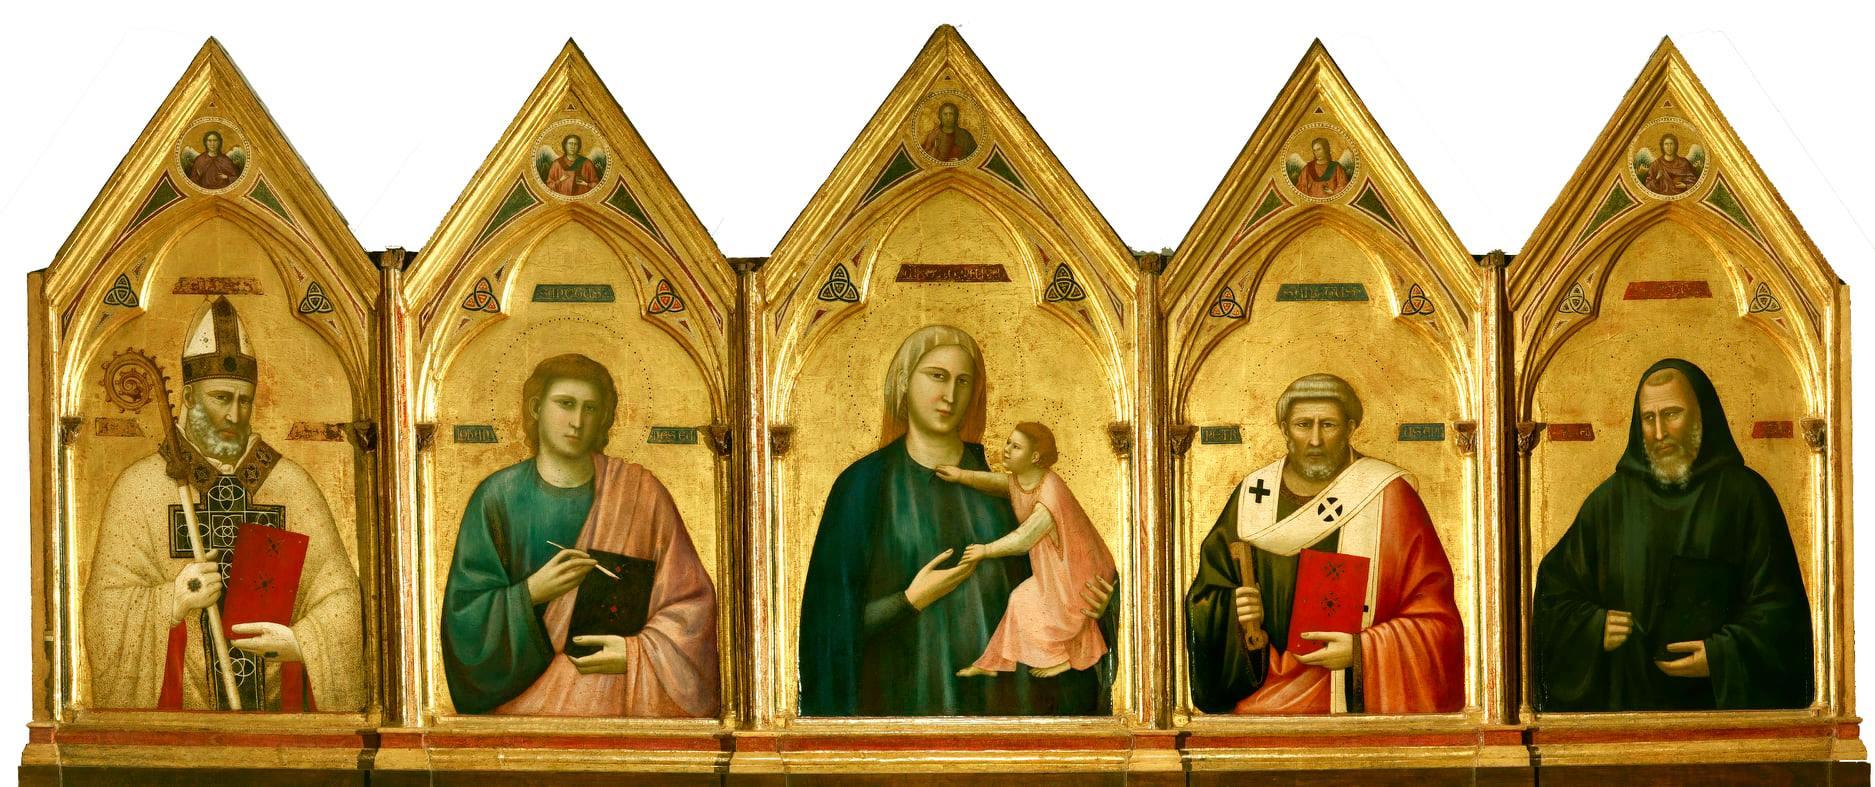 Le Arti al tempo dell'esilio di Dante in mostra a Ravenna